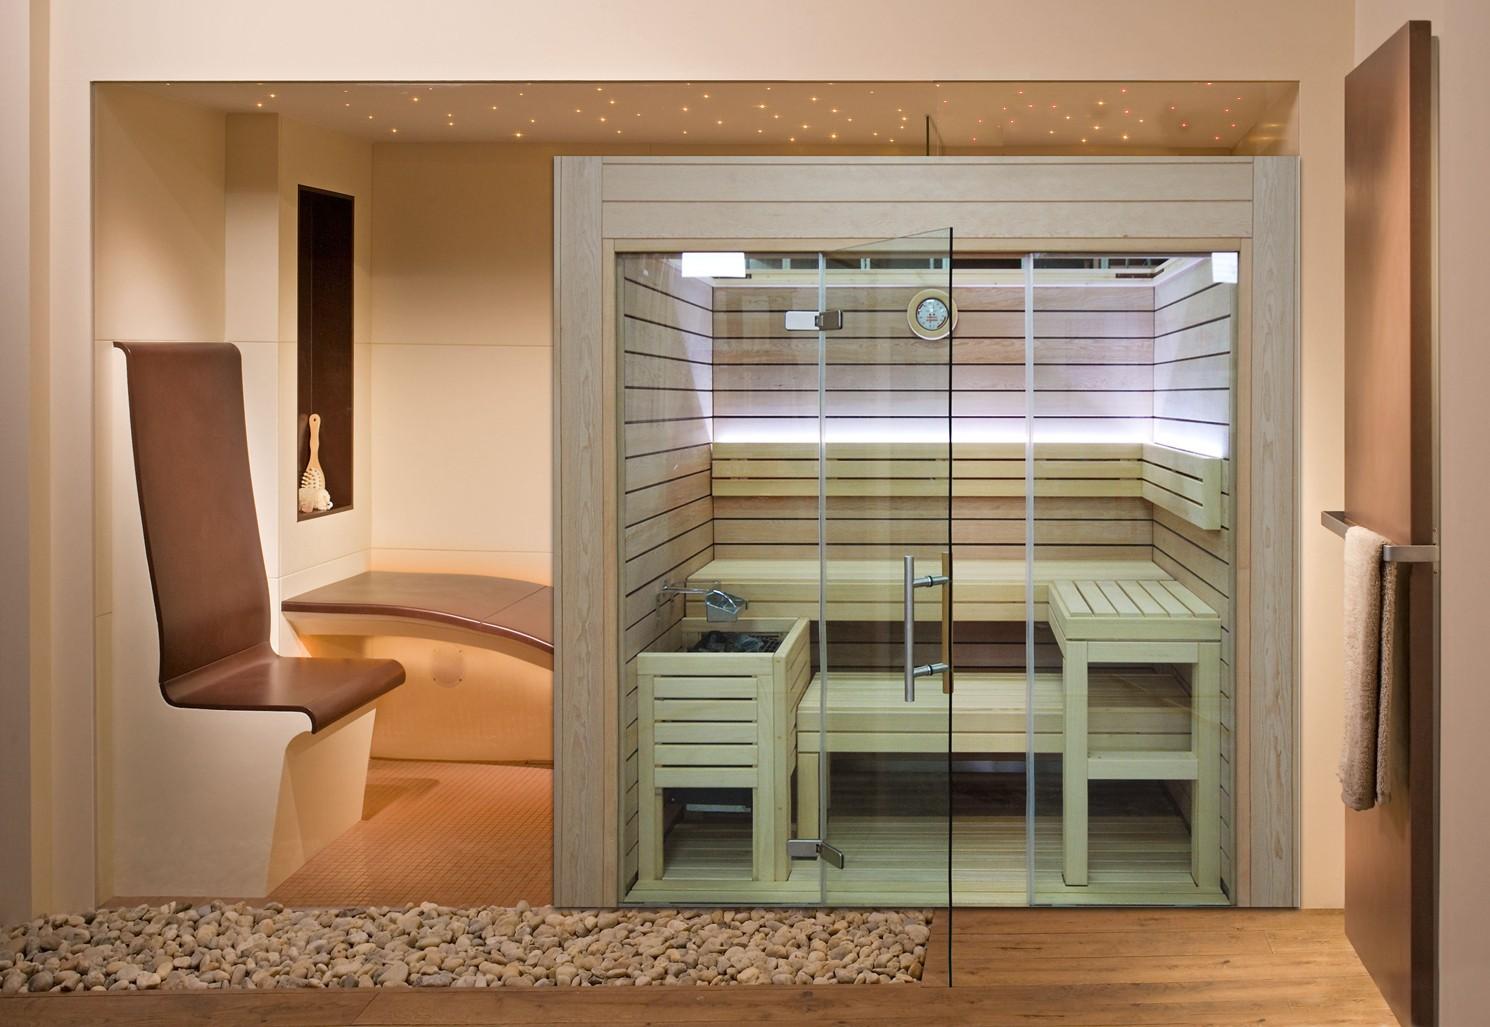 cabinas de bao saunasauna finlandesa u cabinas sauna finlandesa cabinas de bao sauna